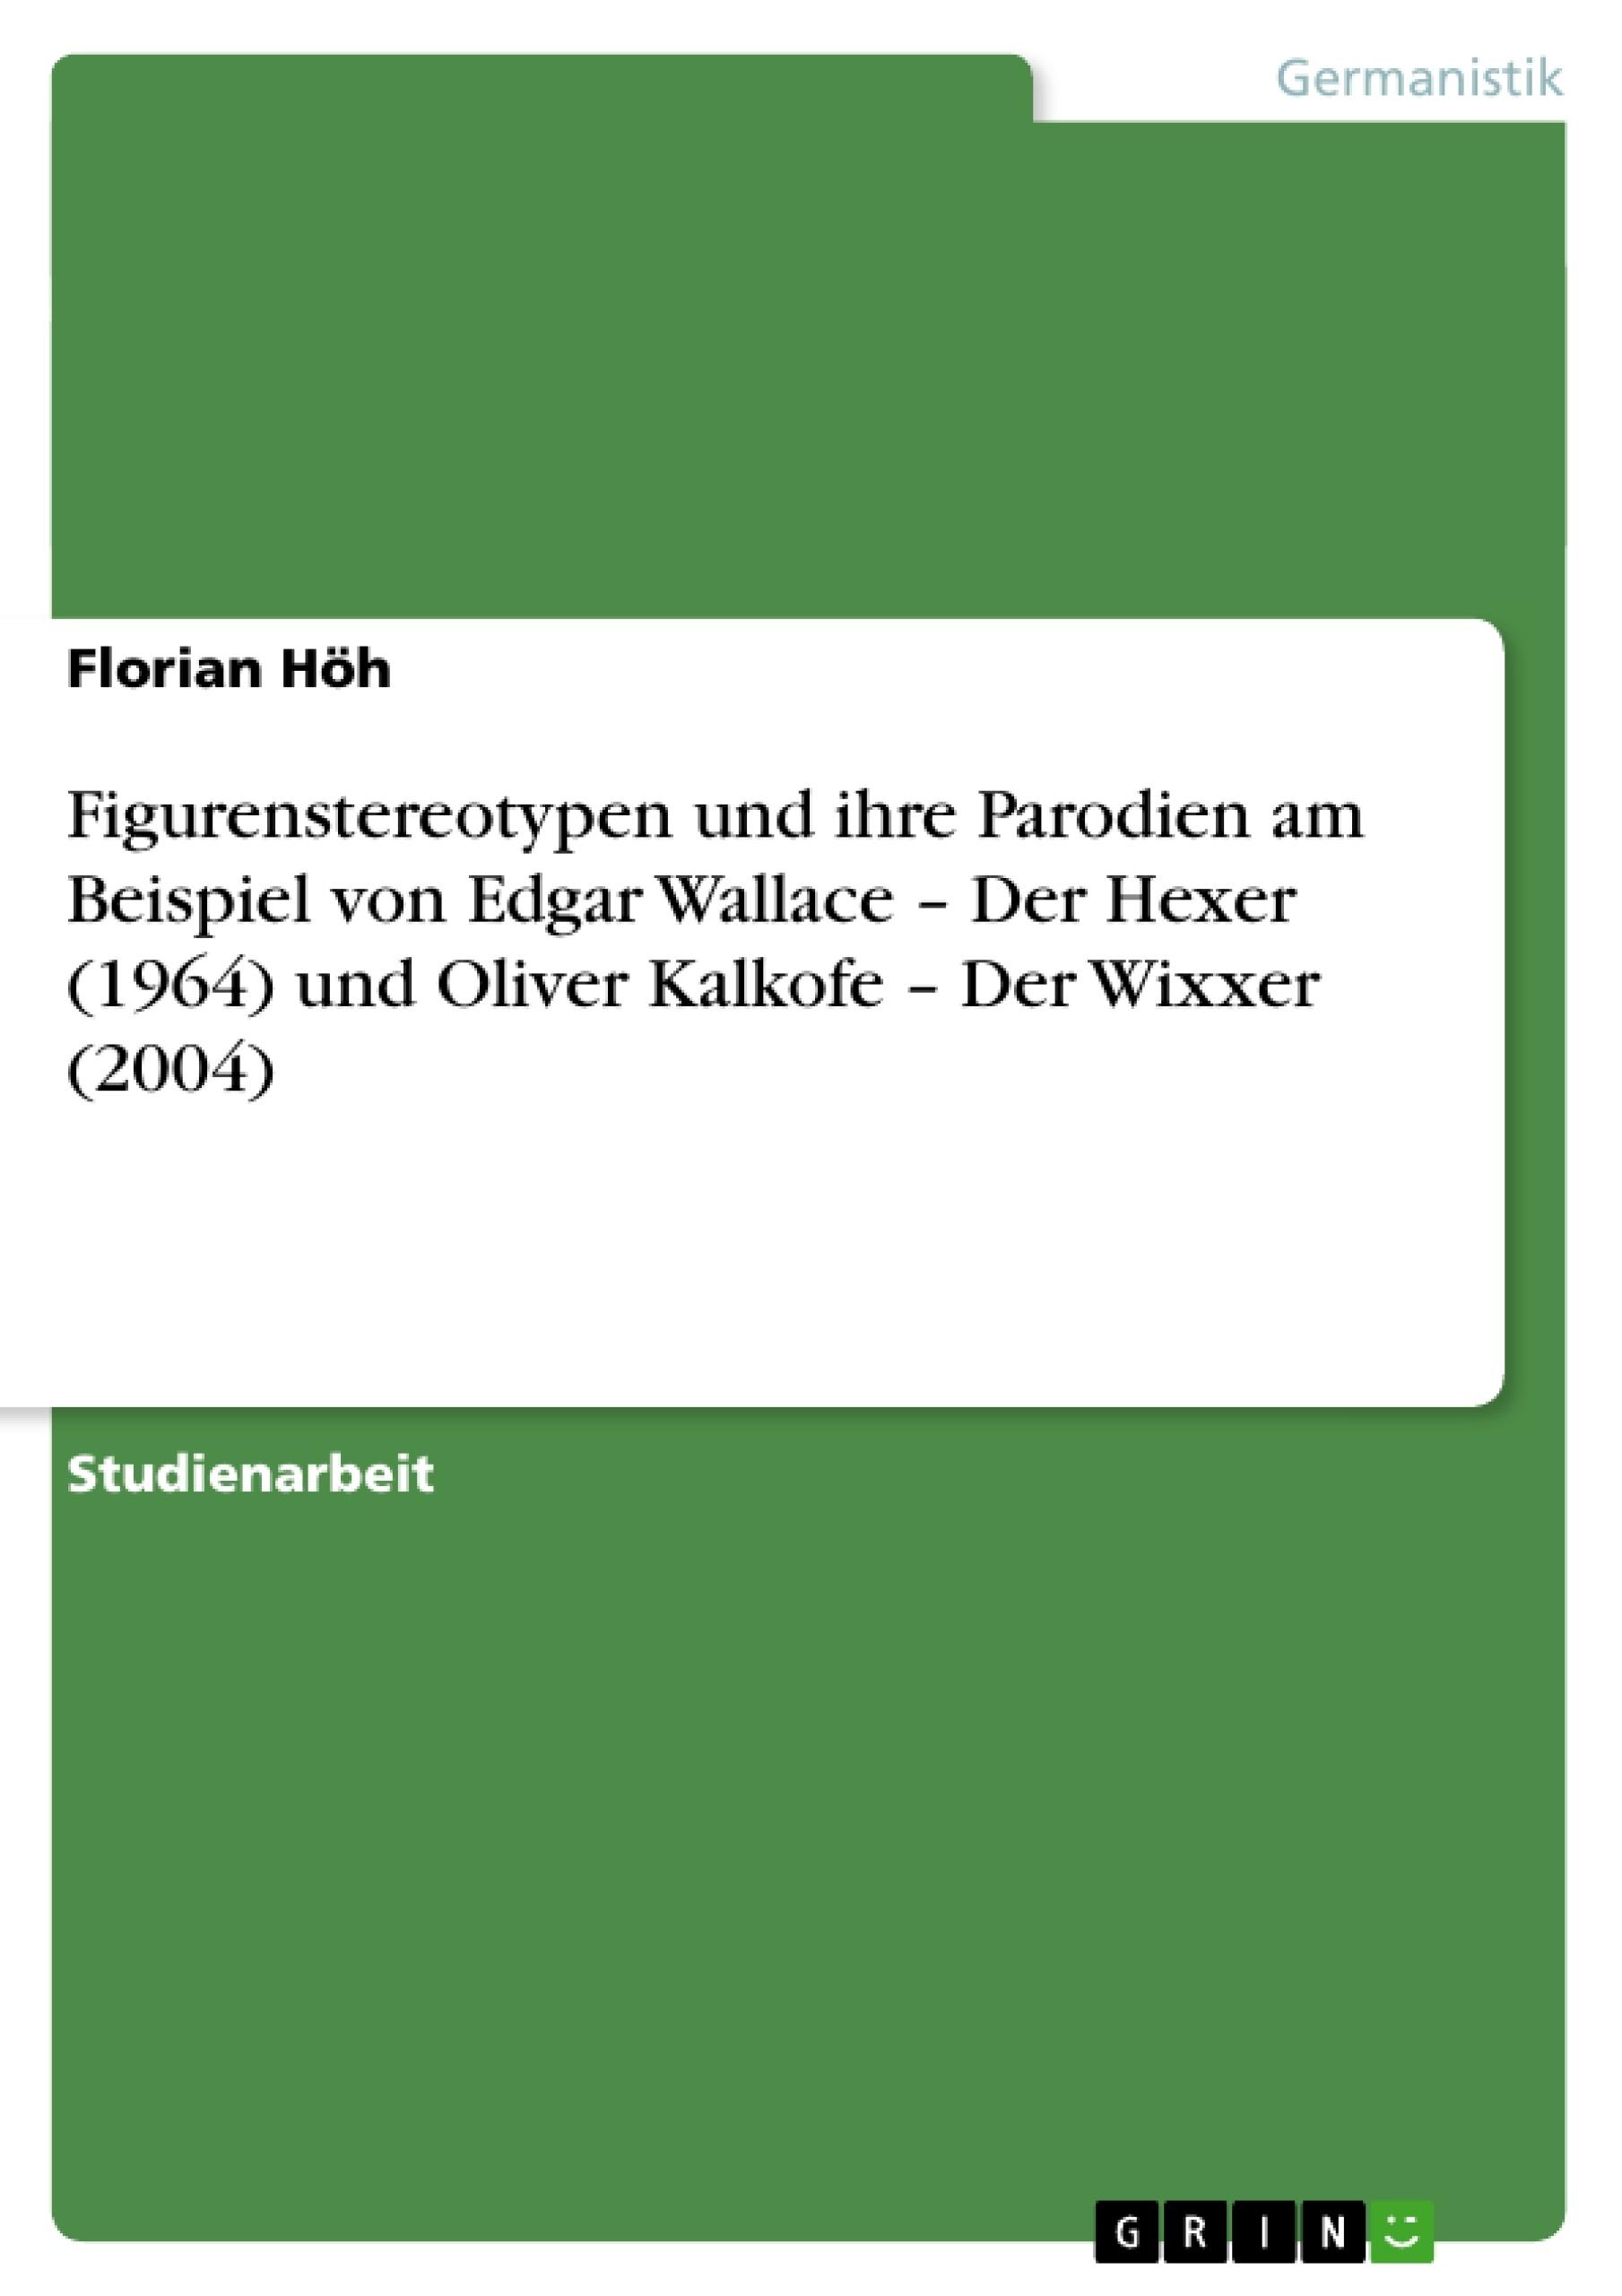 Titel: Figurenstereotypen und ihre Parodien am Beispiel von Edgar Wallace – Der Hexer (1964) und Oliver Kalkofe – Der Wixxer (2004)